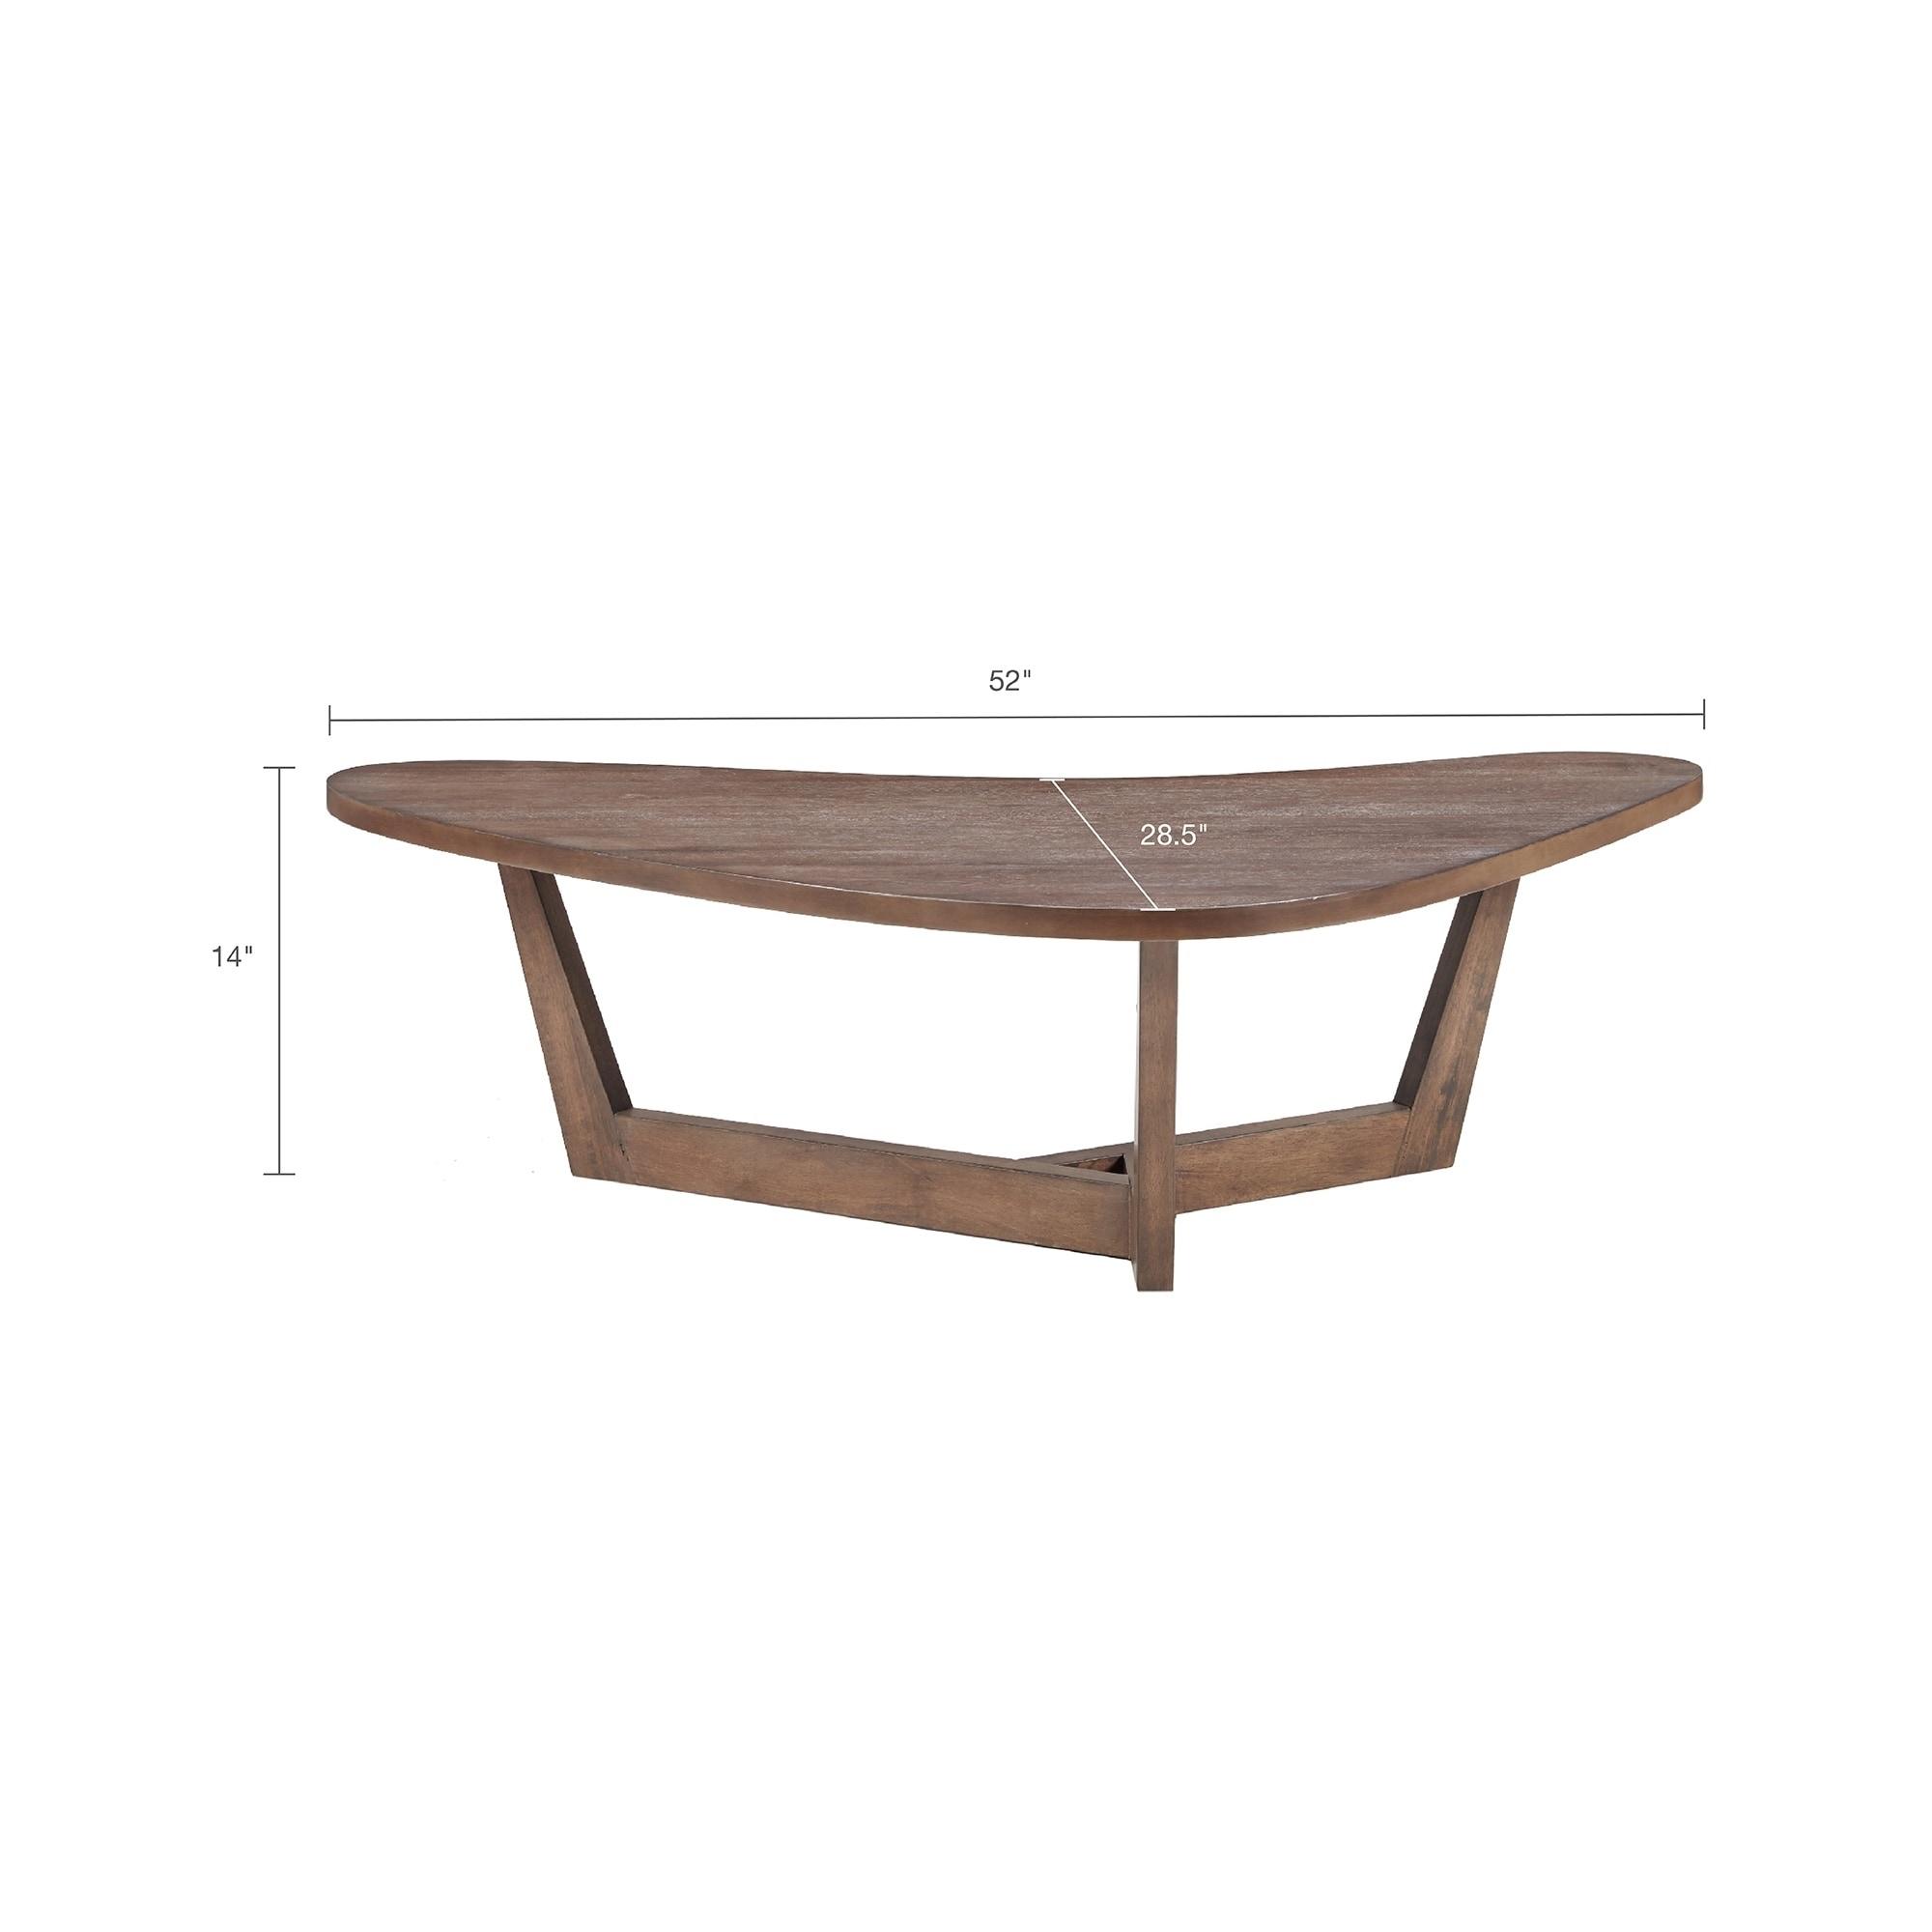 Ink Ivy Boomerang Brown Acacia Veneer Rubberwood Coffee Table